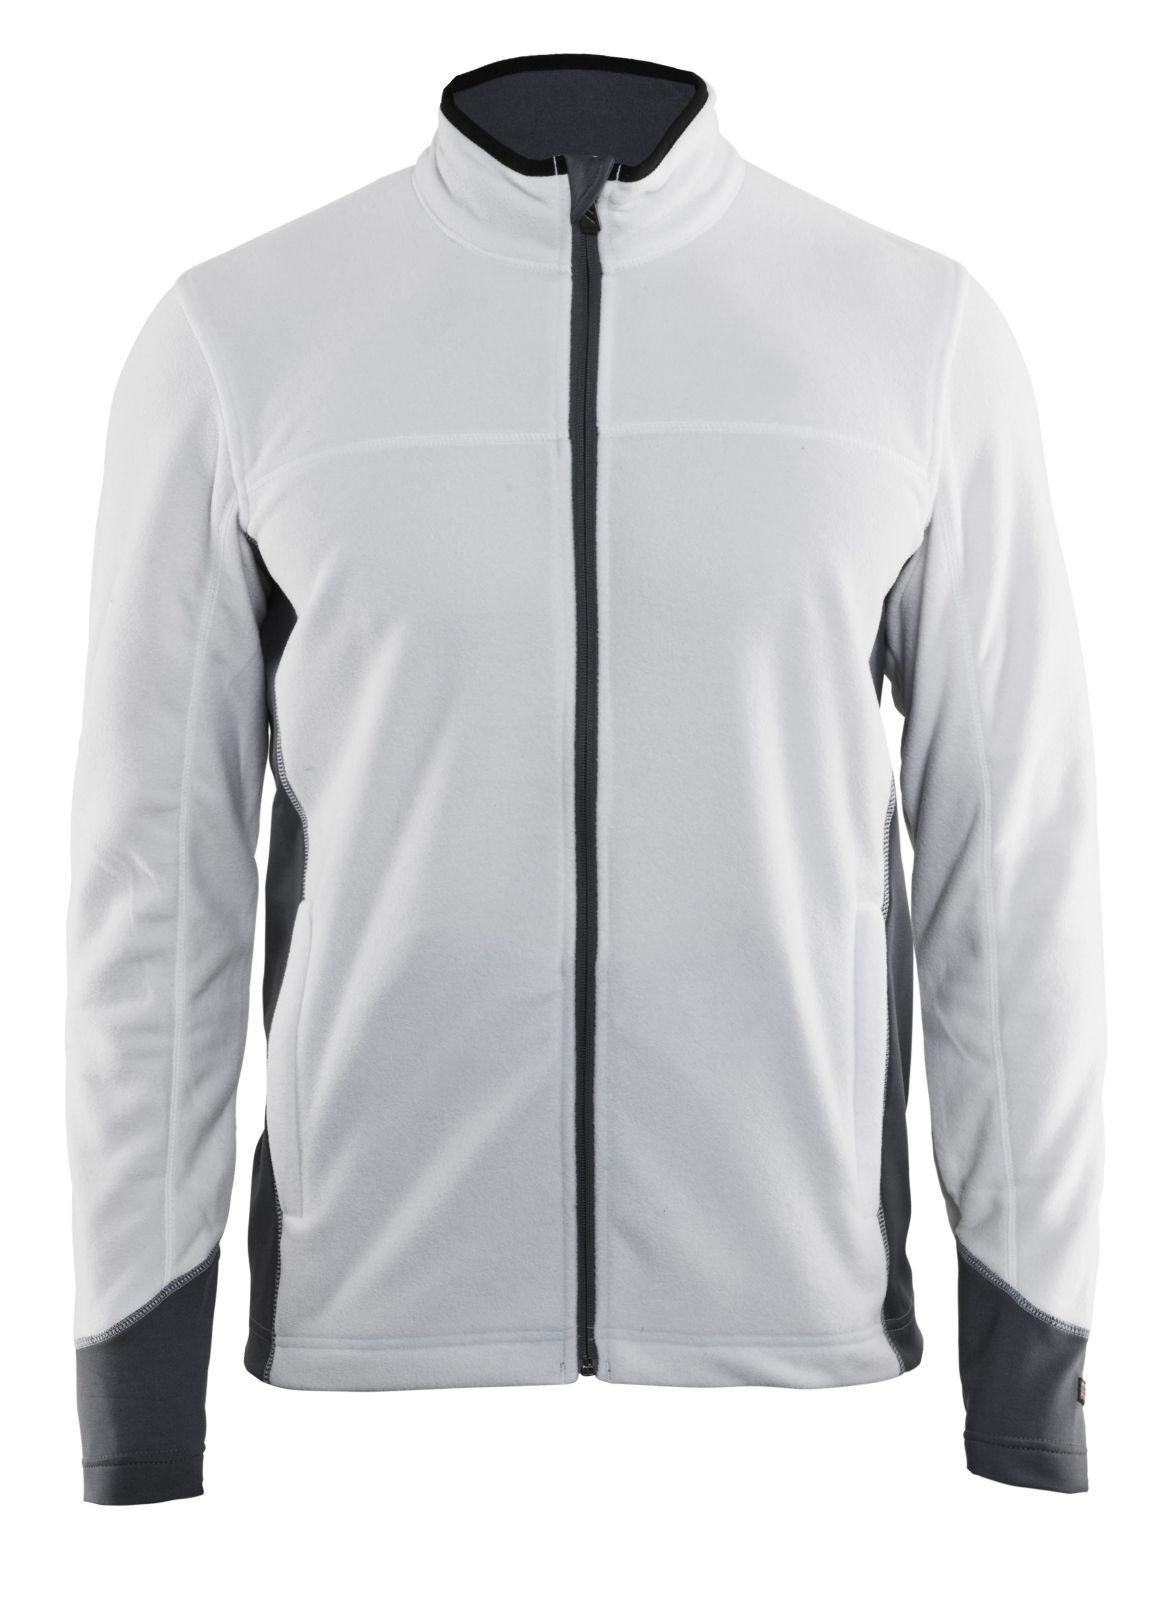 Blaklader Fleece vesten 48951010 wit-grijs(1094)